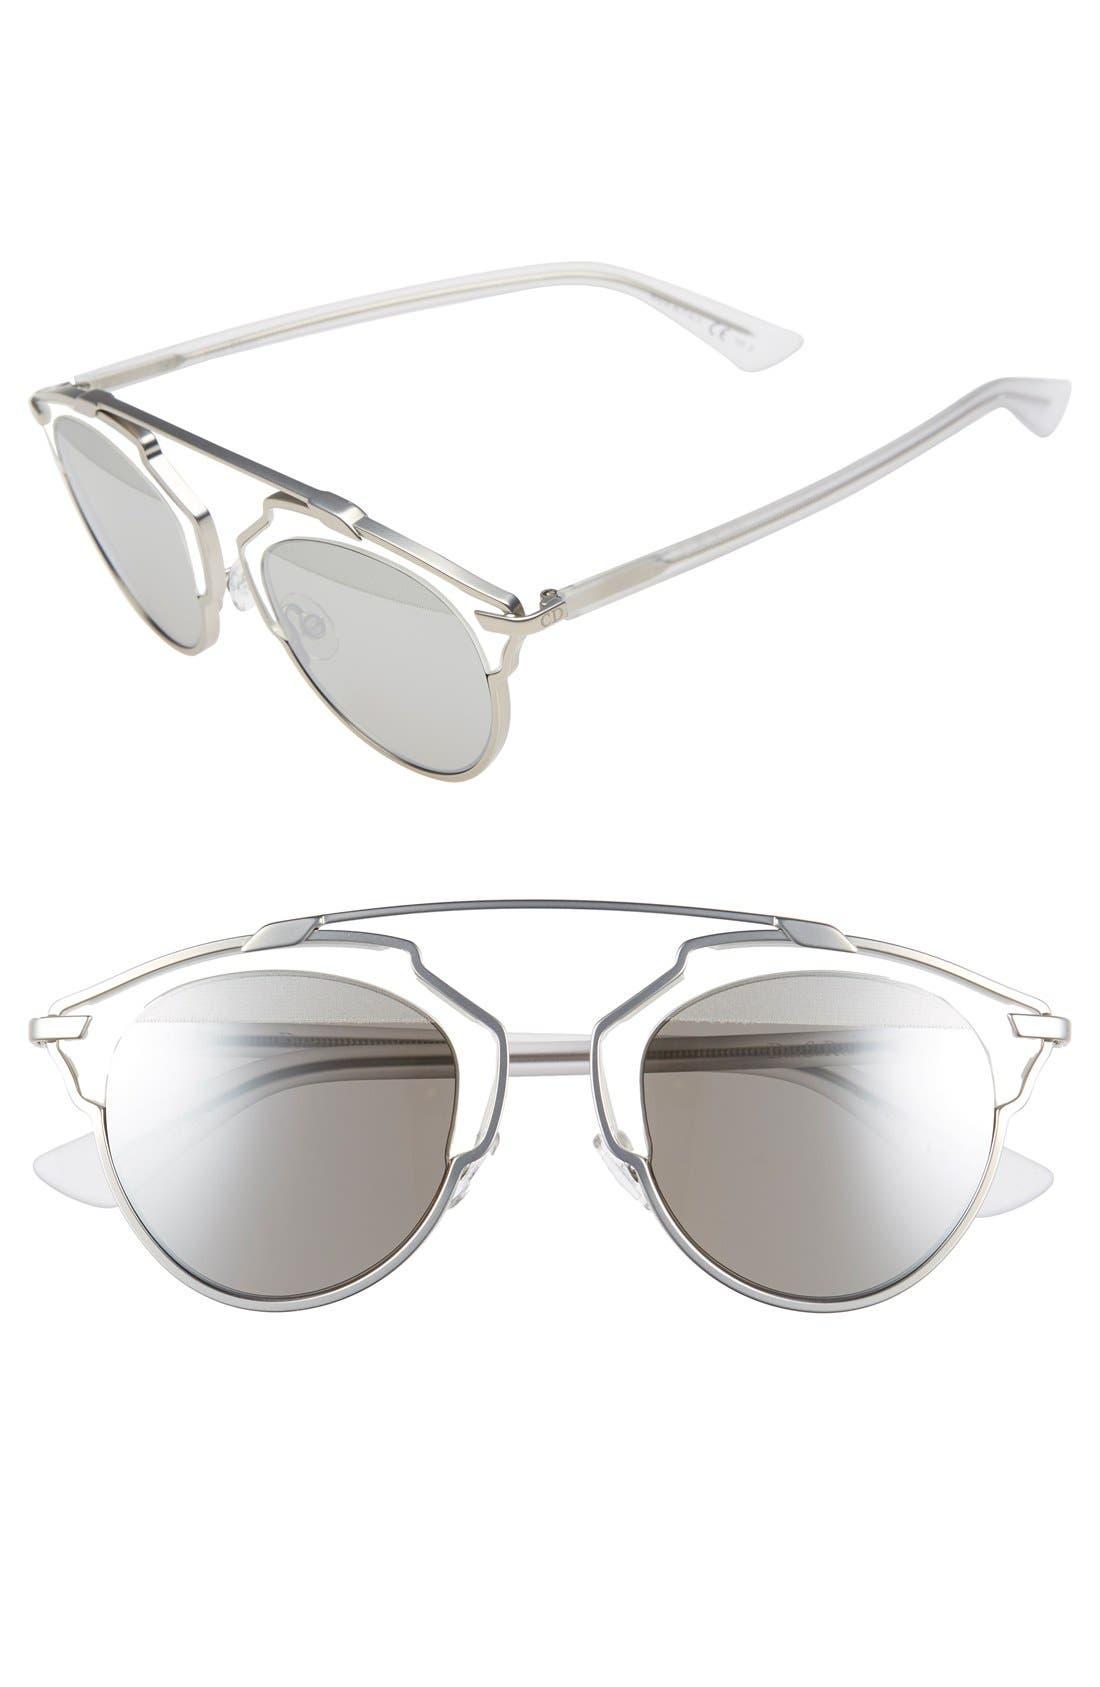 So Real 48mm Brow Bar Sunglasses,                             Main thumbnail 15, color,